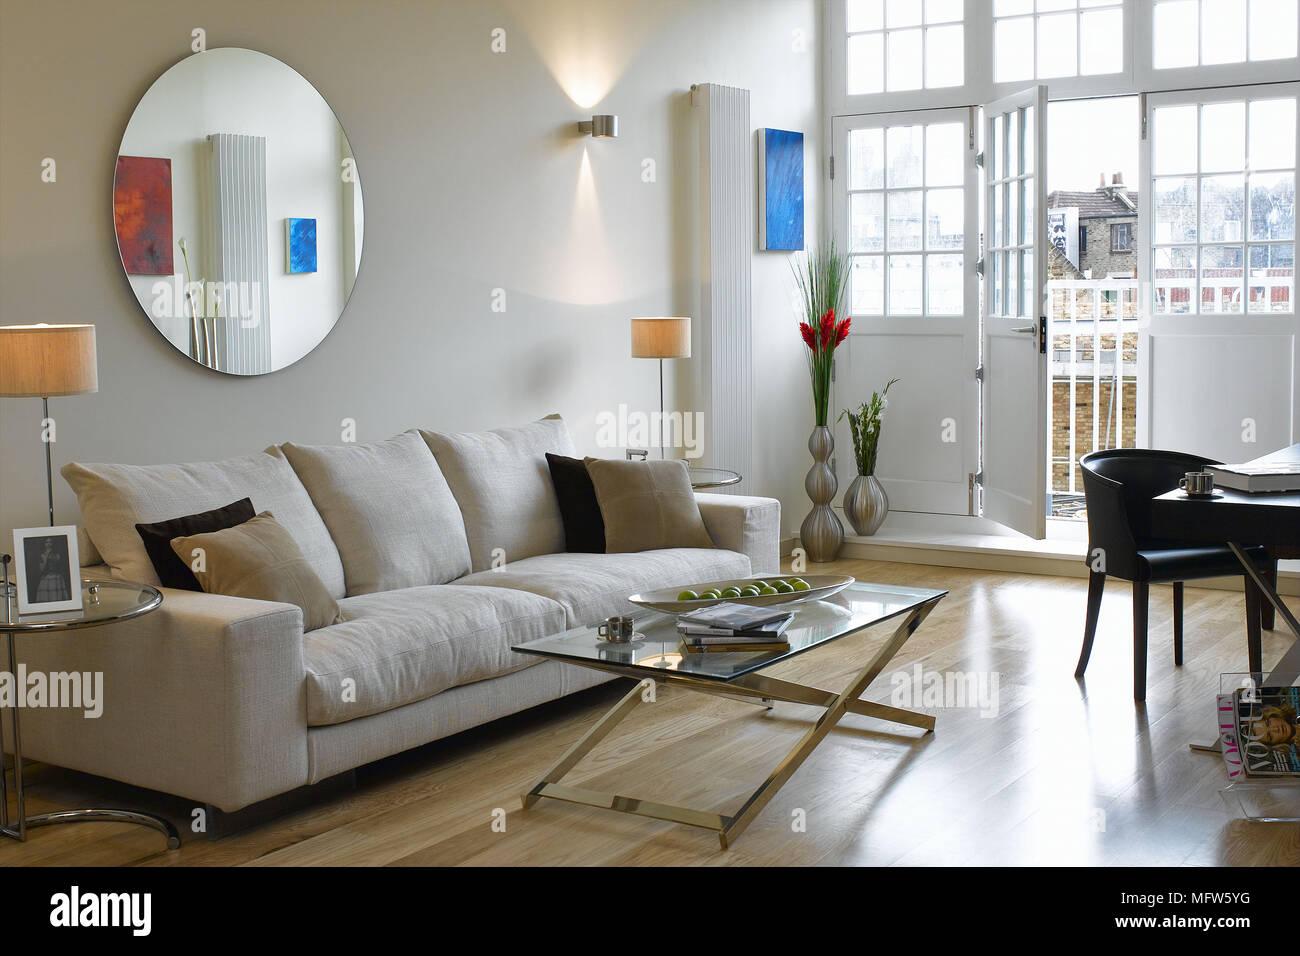 Specchio circolare al di sopra di un divano in soggiorno con ...